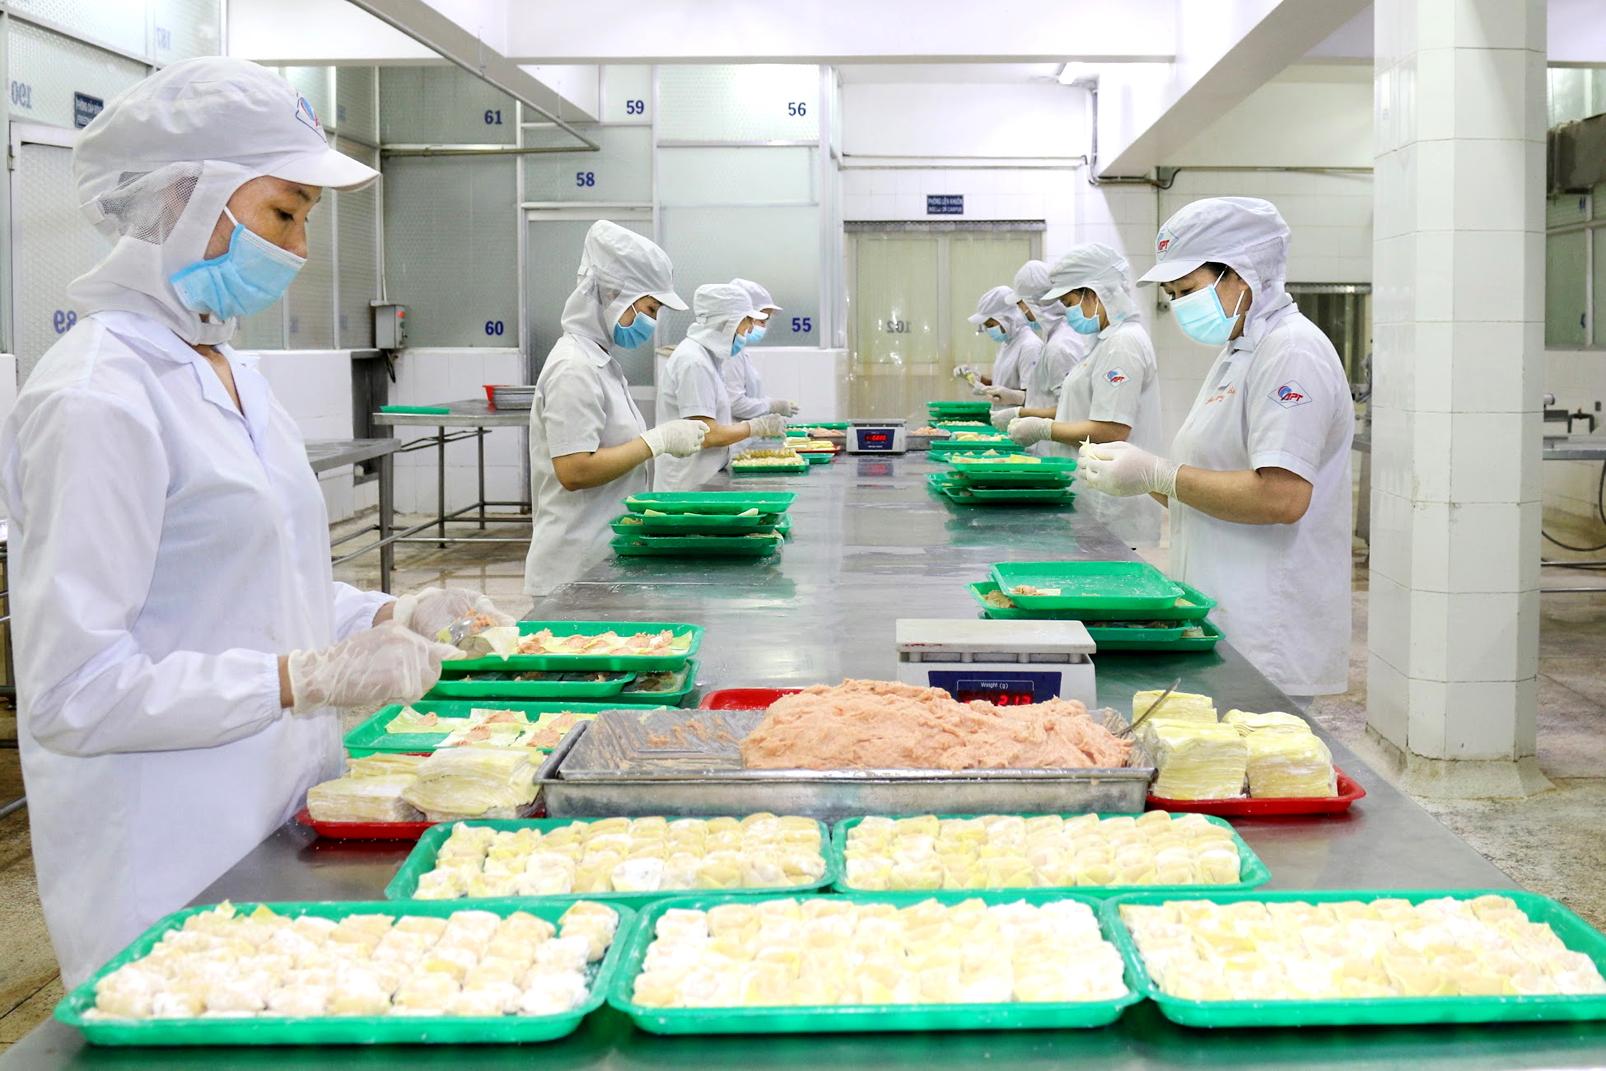 """Công nhân Công ty cổ phần Kinh doanh Thủy hải sản Sài Gòn (Khu công nghiệp Tân Tạo, Q.Bình Tân)  làm việc theo phương thức """"ba tại chỗ"""" được chăm lo bữa ăn, chỗ ở tốt để an tâm làm việc"""